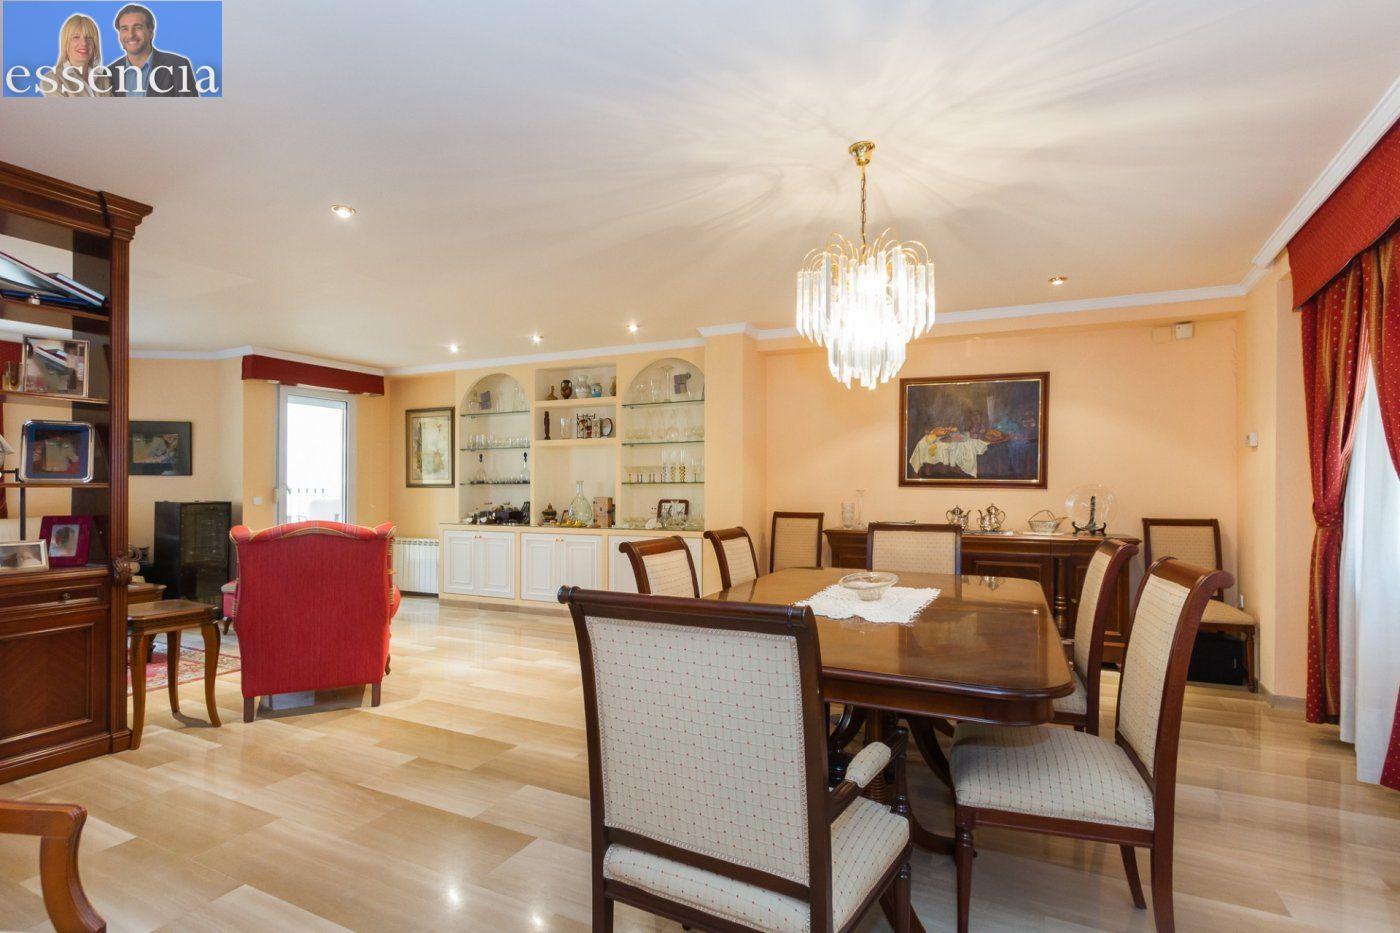 Casa con encanto en el centro de gandÍa para clientes vip - imagenInmueble8